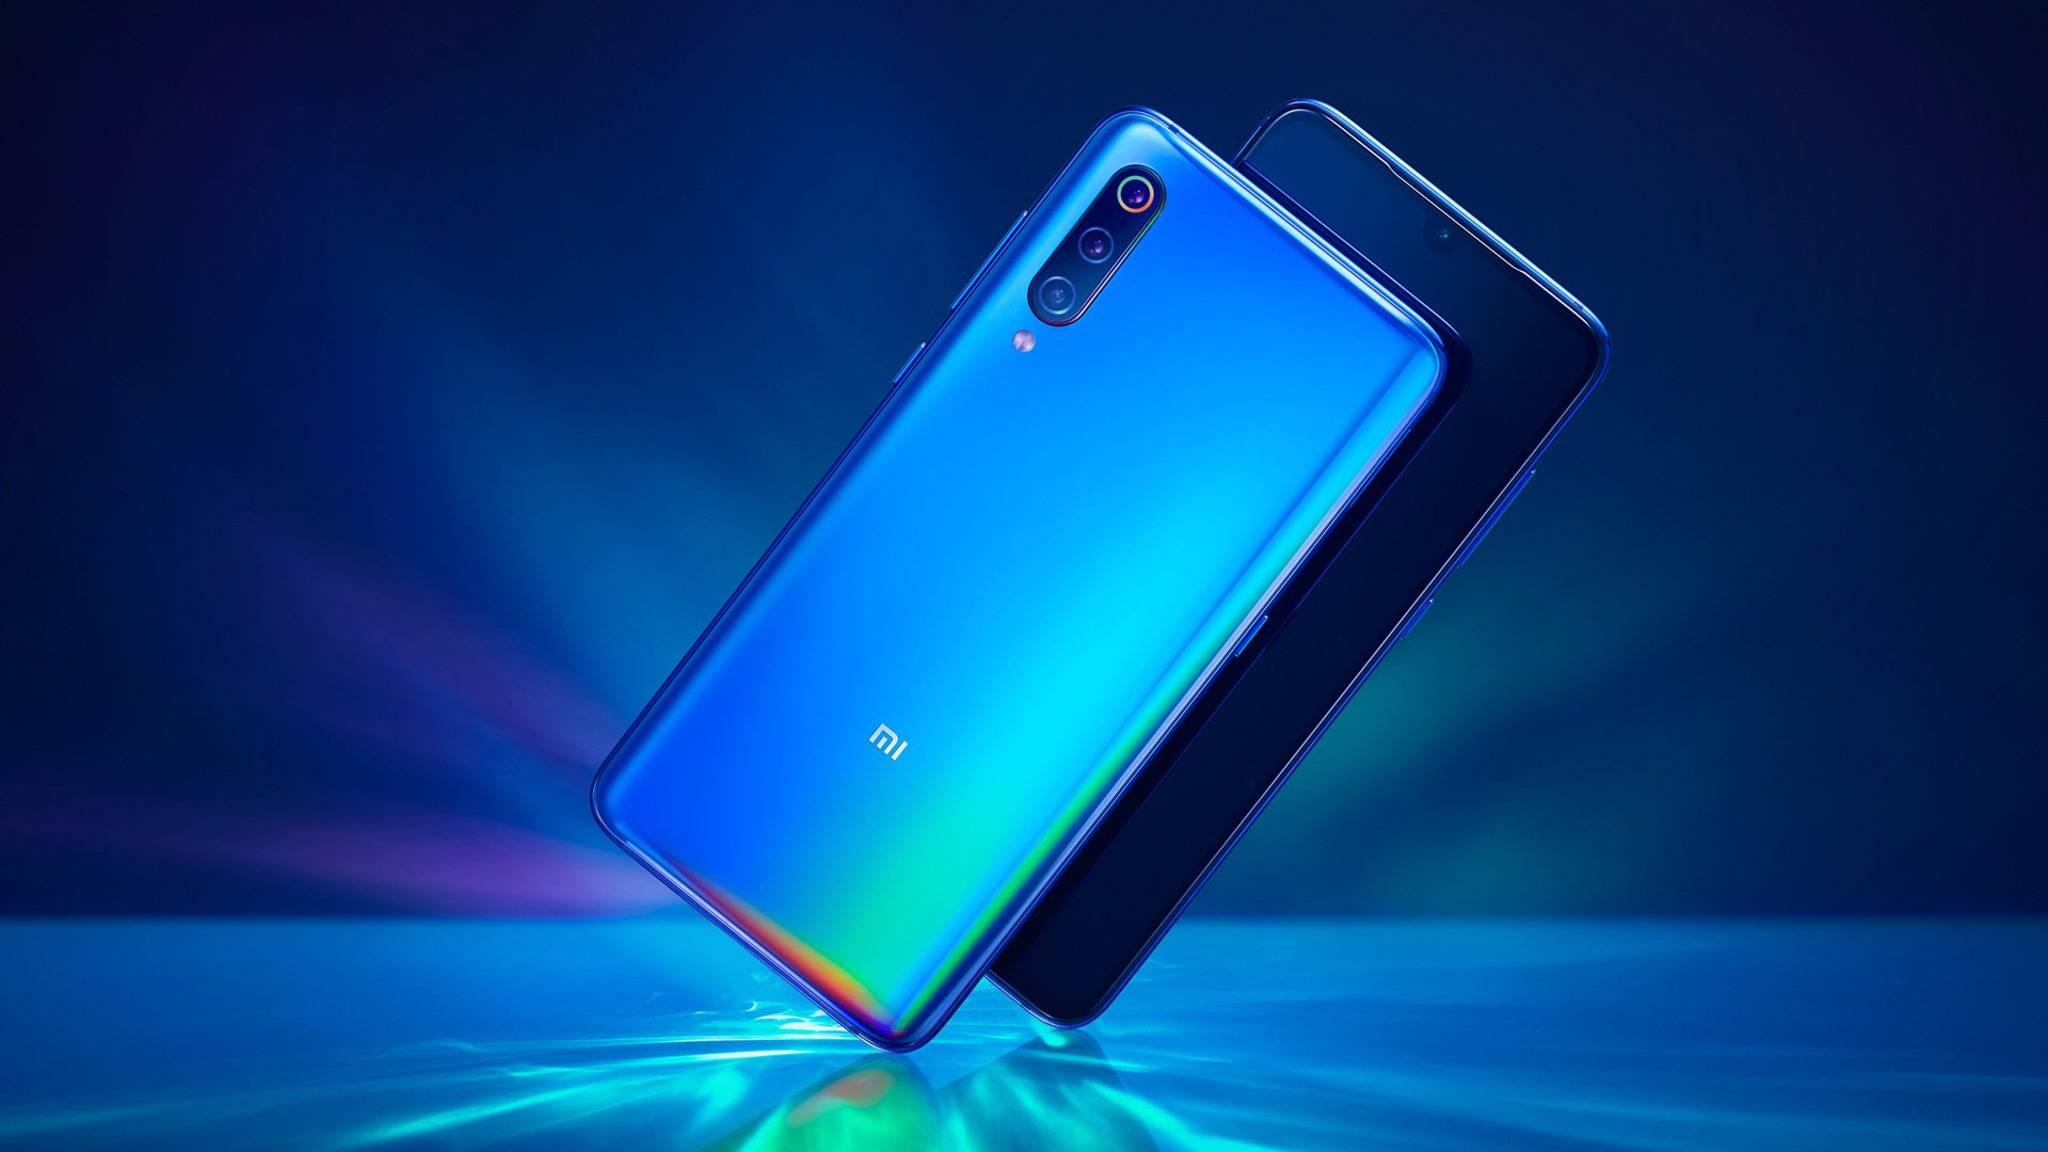 Das Xiaomi Mi 9 (im Bild) erhält wohl einen günstigeren Ableger.